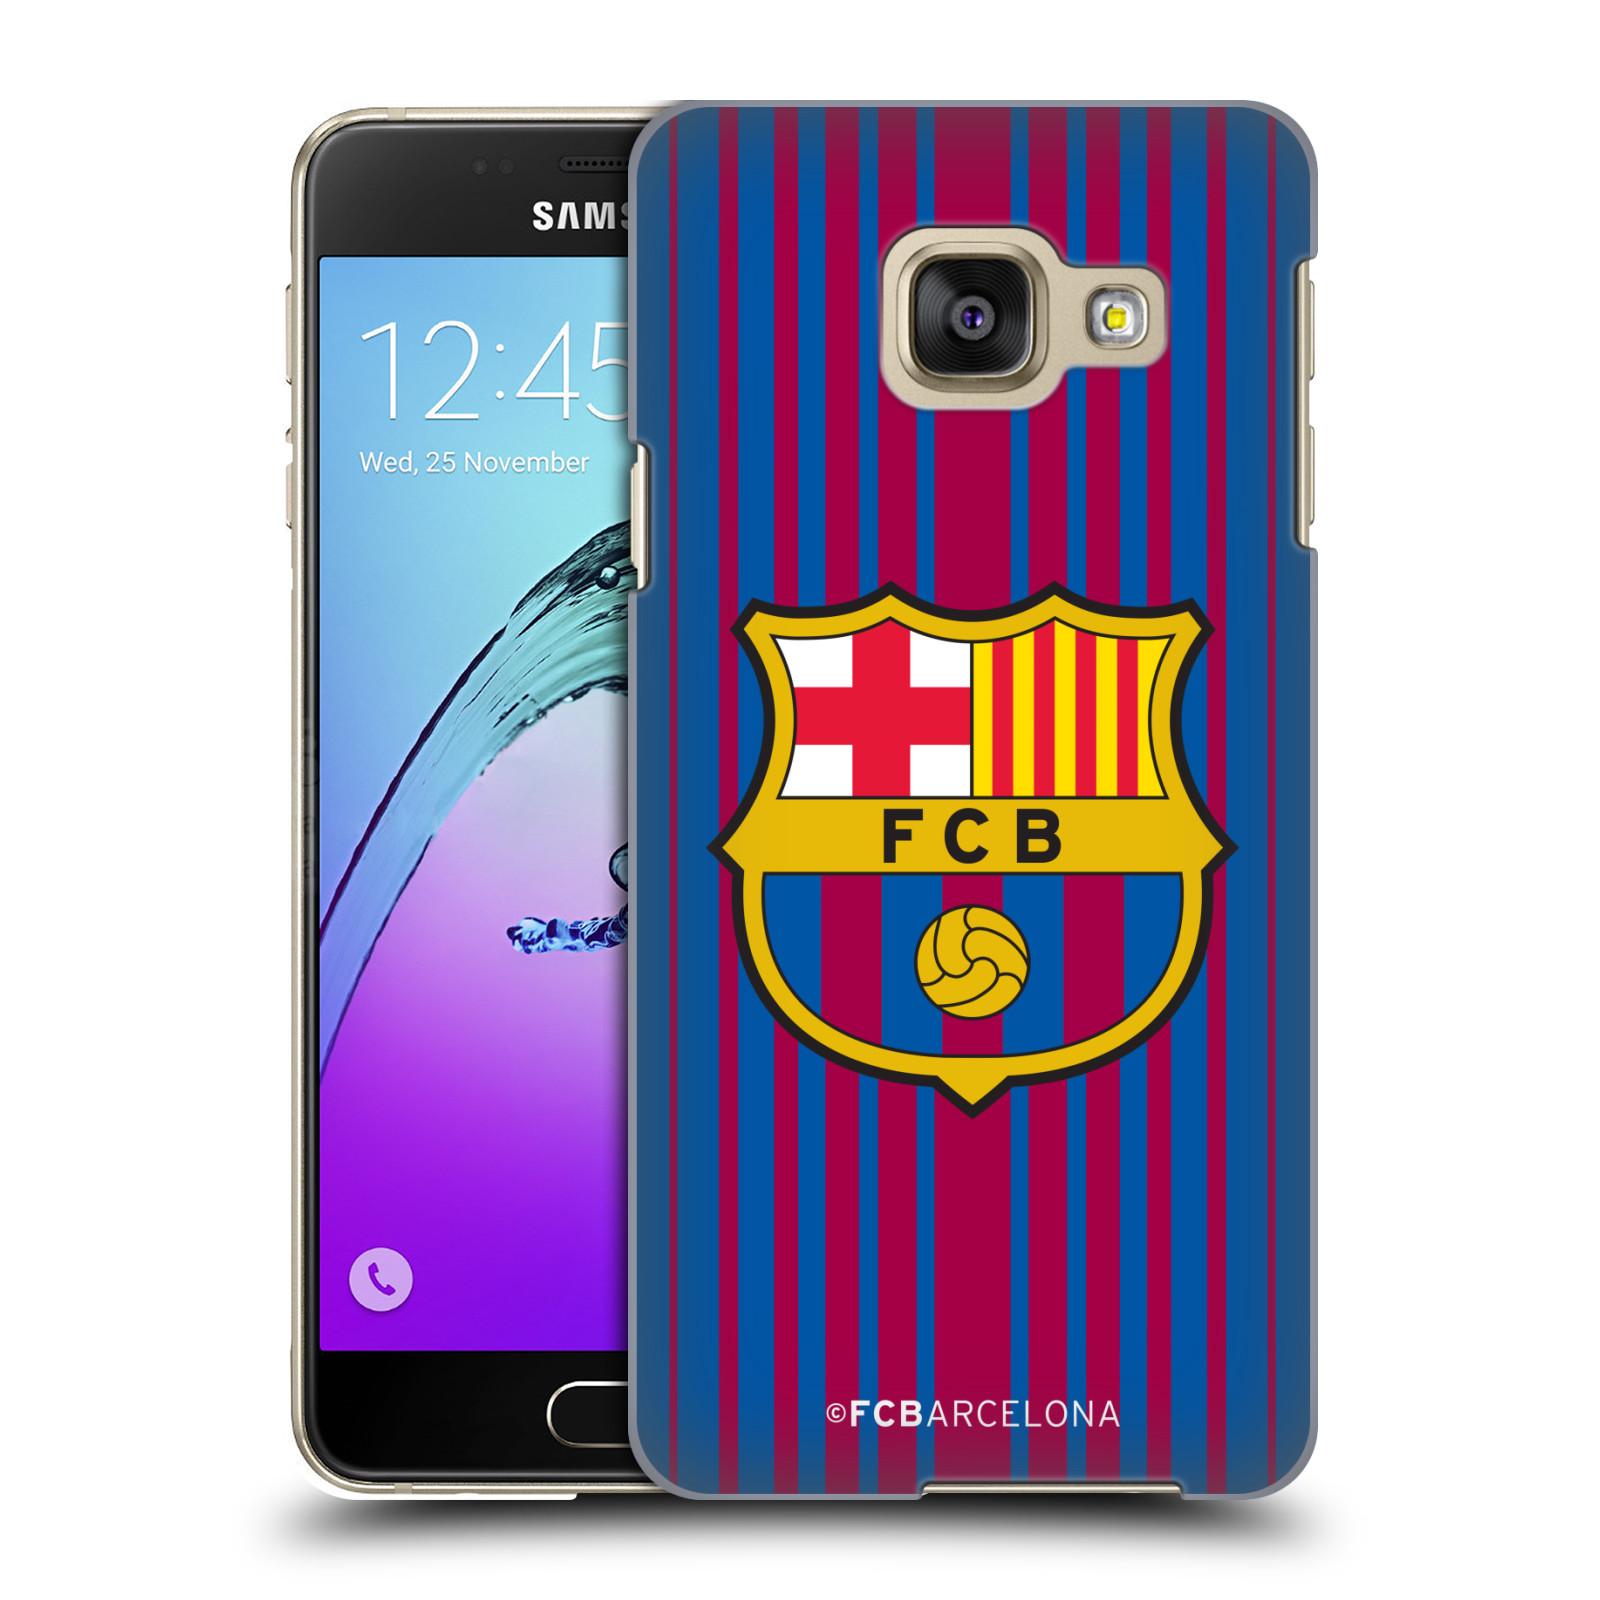 Plastové pouzdro na mobil Samsung Galaxy A3 (2016) - Head Case - FC Barcelona - Logo domácí